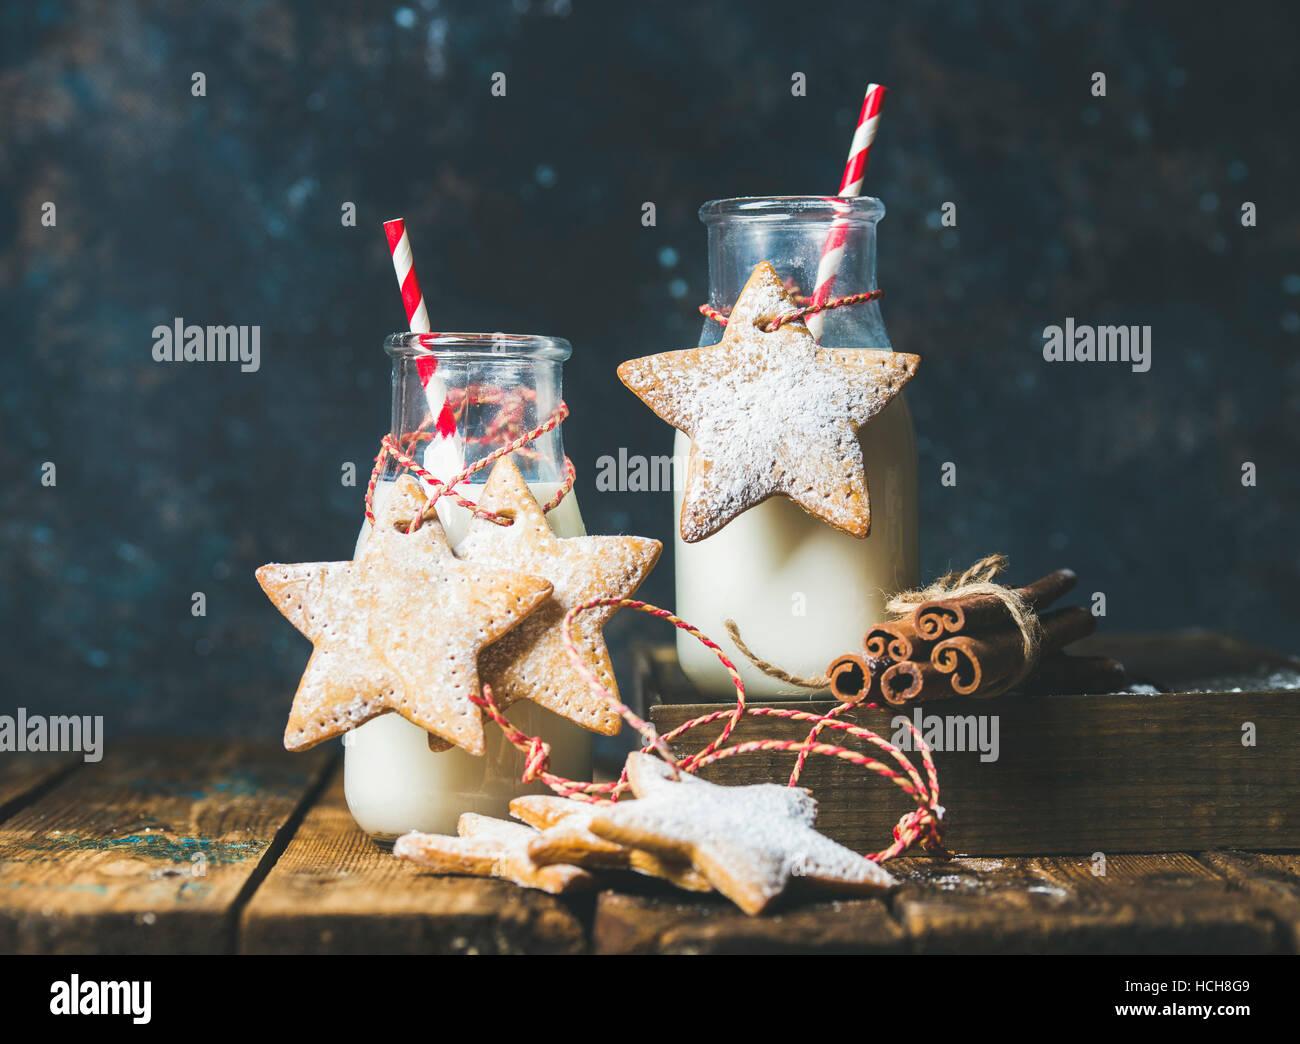 Flasche mit Milch für den Weihnachtsmann, Weihnachten festlich Lebkuchen sternförmige Cookies mit Dekoration Seil, Stockfoto